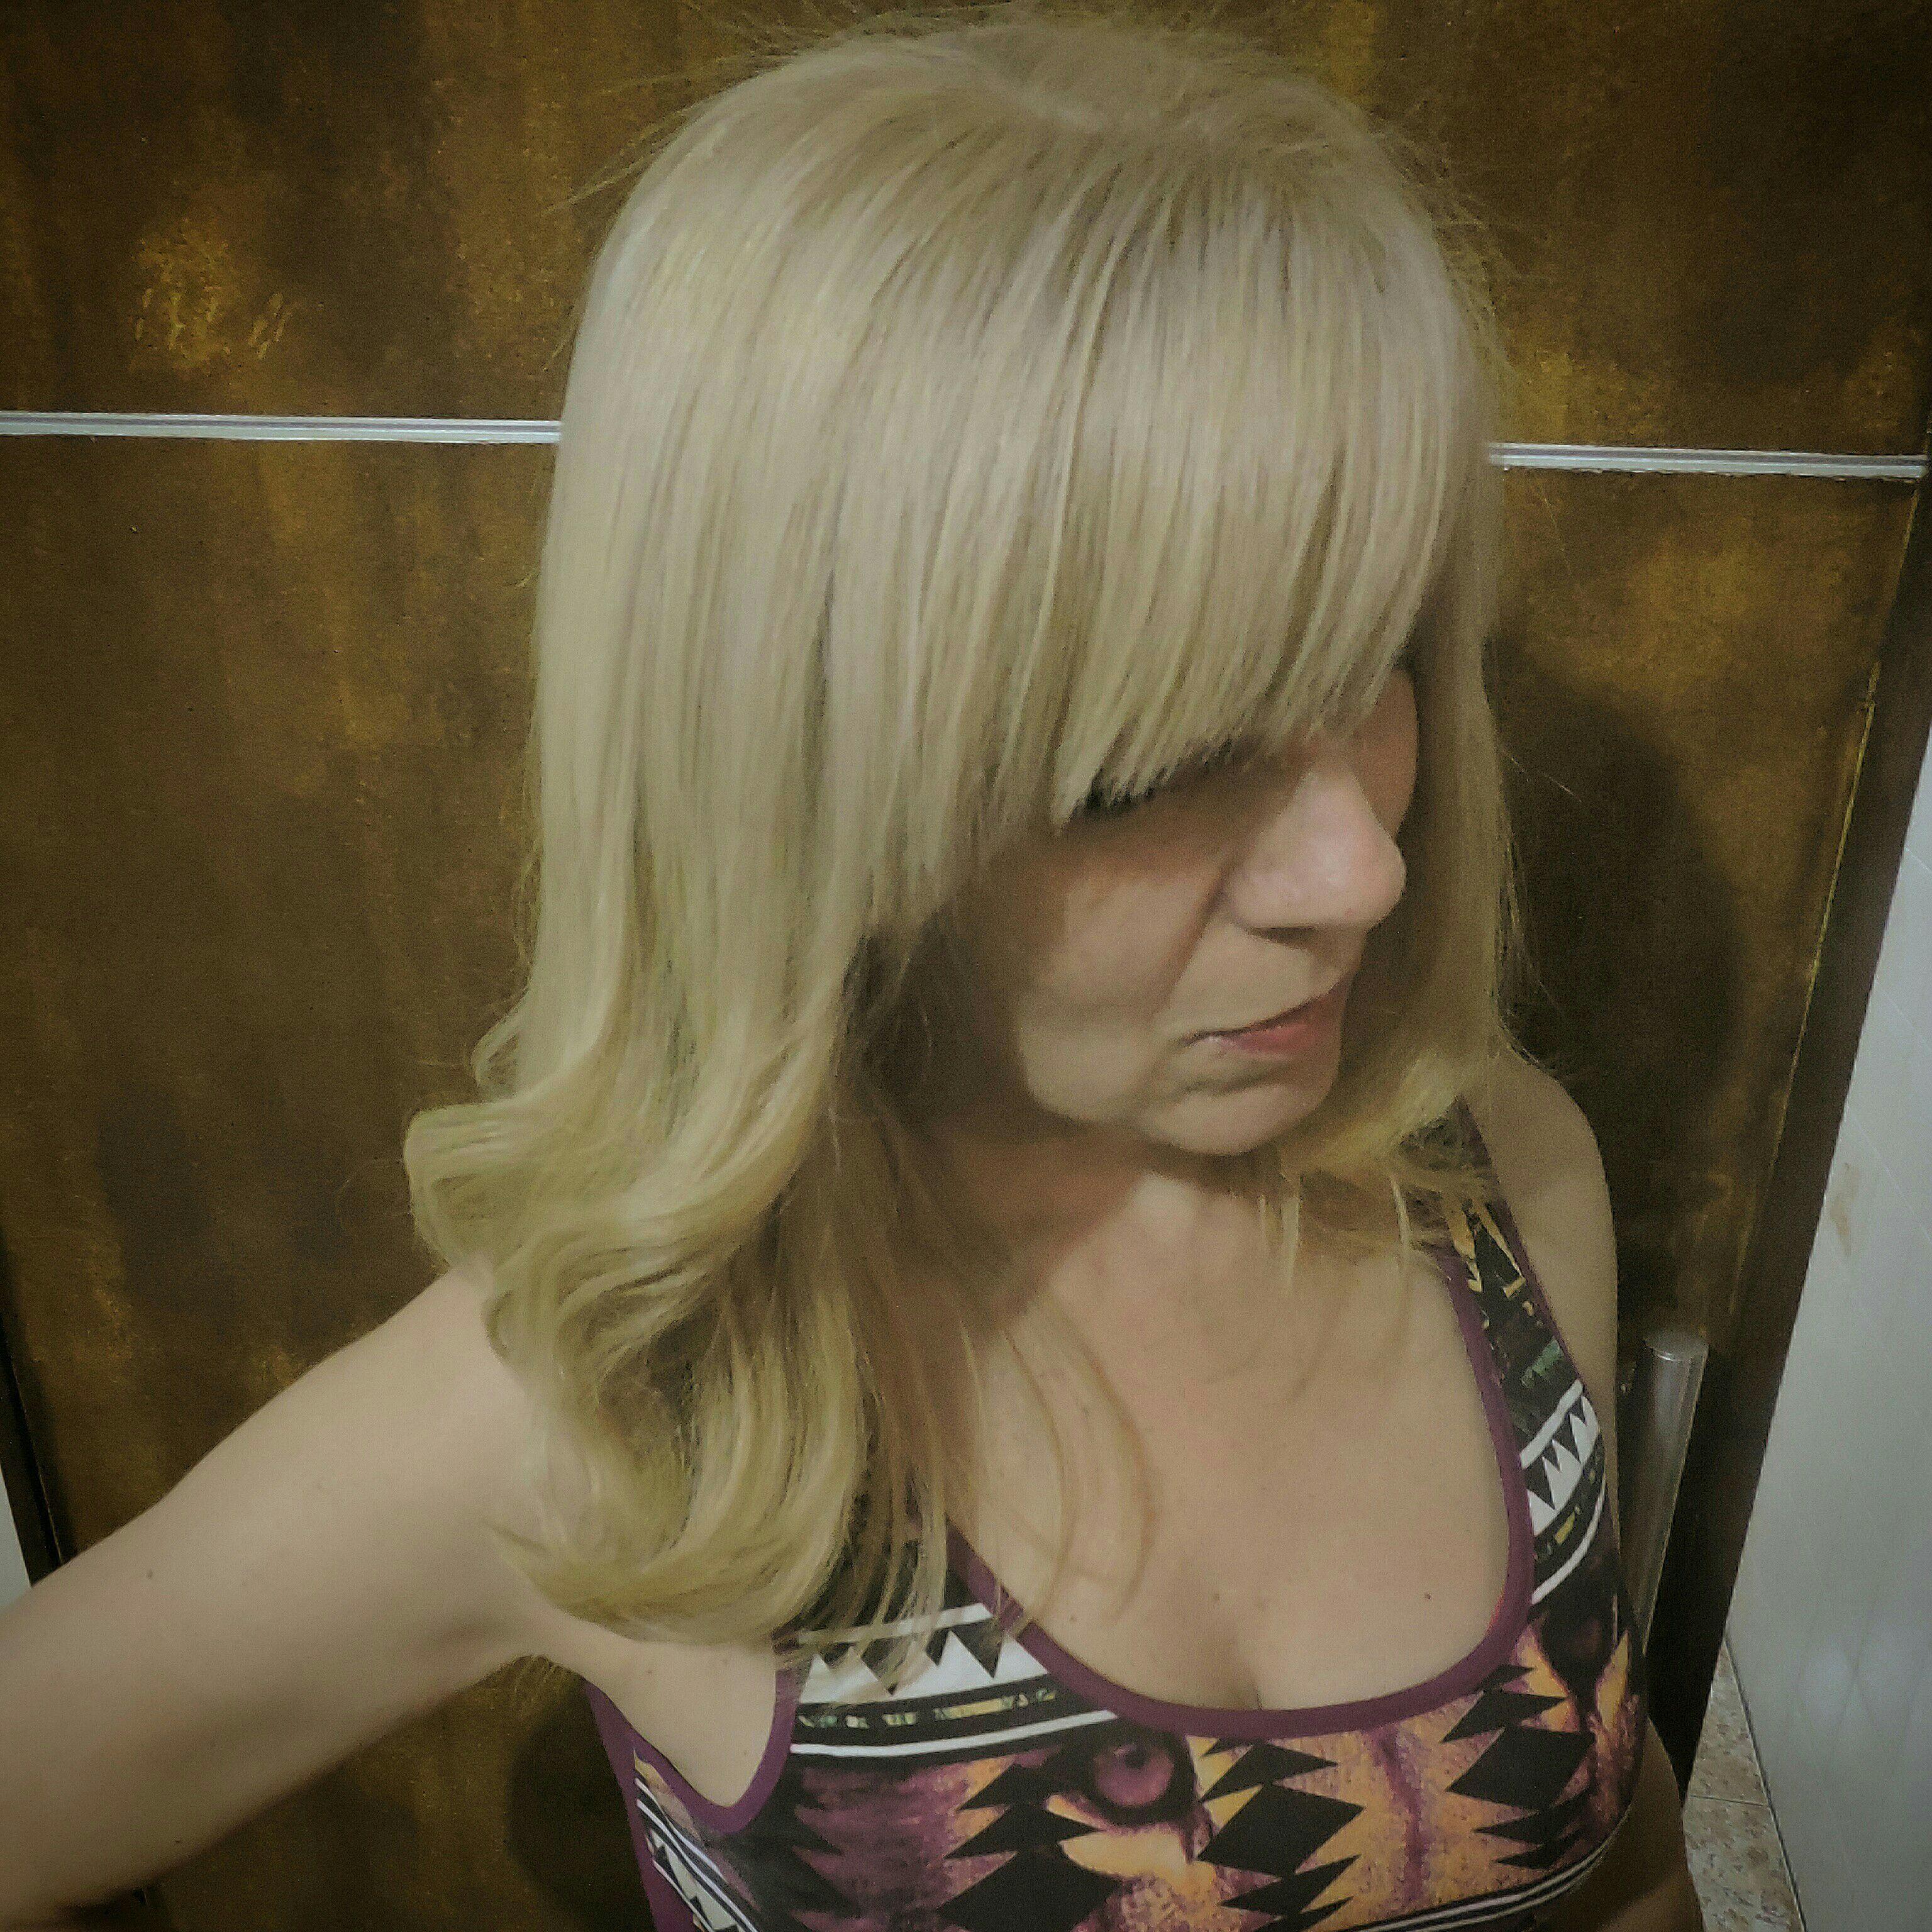 Retoque de raiz cabelo auxiliar cabeleireiro(a) cabeleireiro(a) cabeleireiro(a)